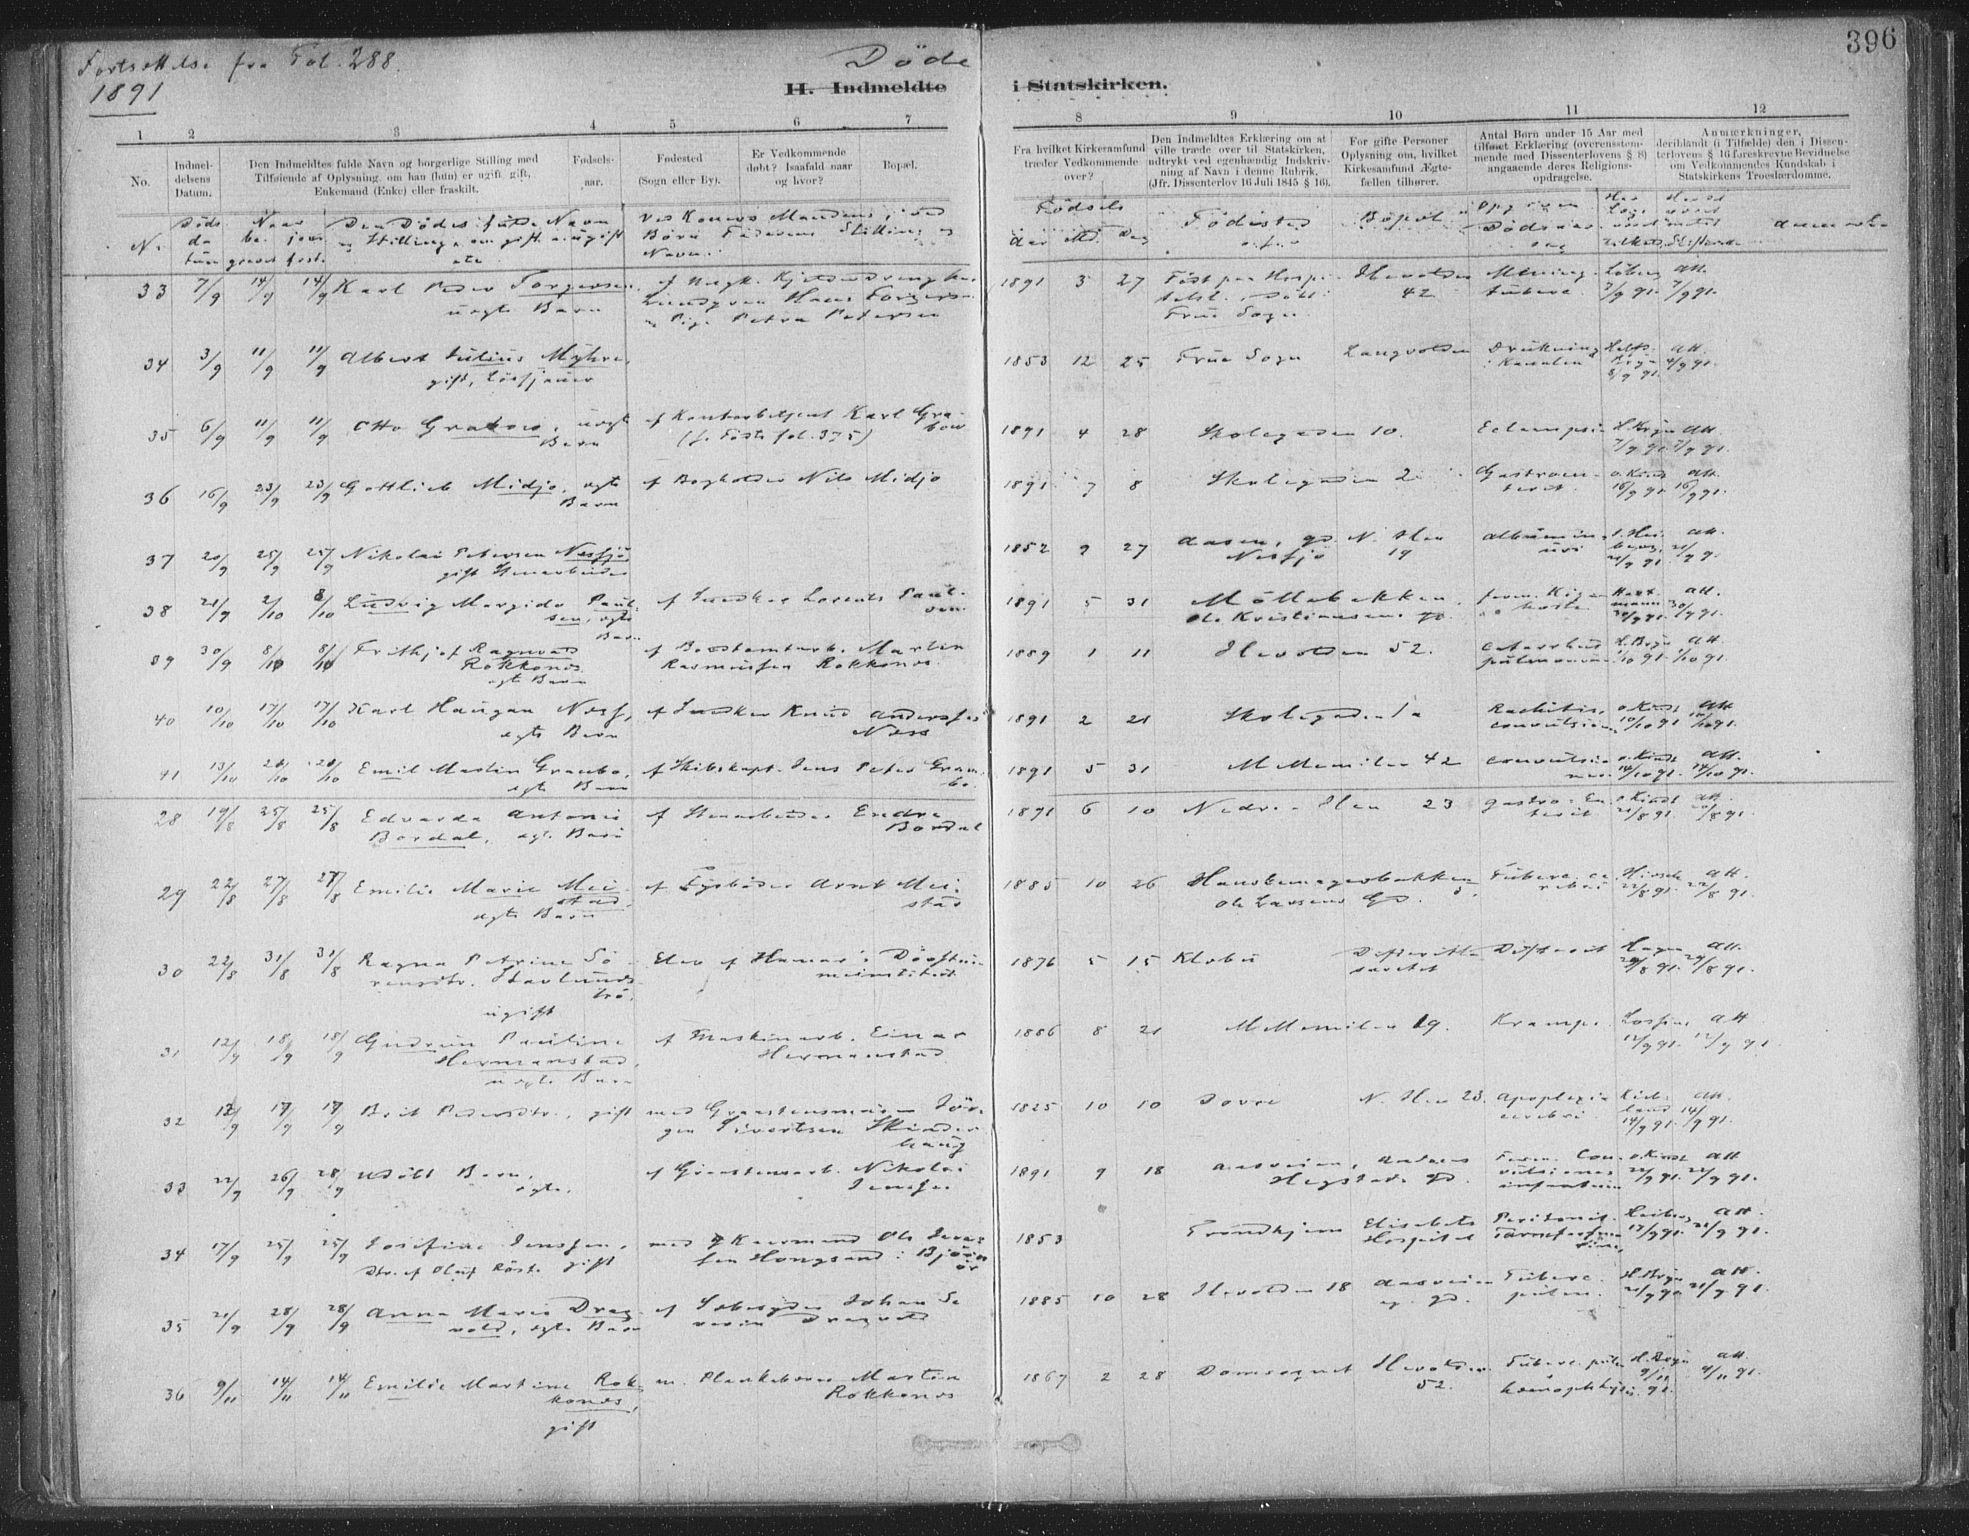 SAT, Ministerialprotokoller, klokkerbøker og fødselsregistre - Sør-Trøndelag, 603/L0163: Ministerialbok nr. 603A02, 1879-1895, s. 396